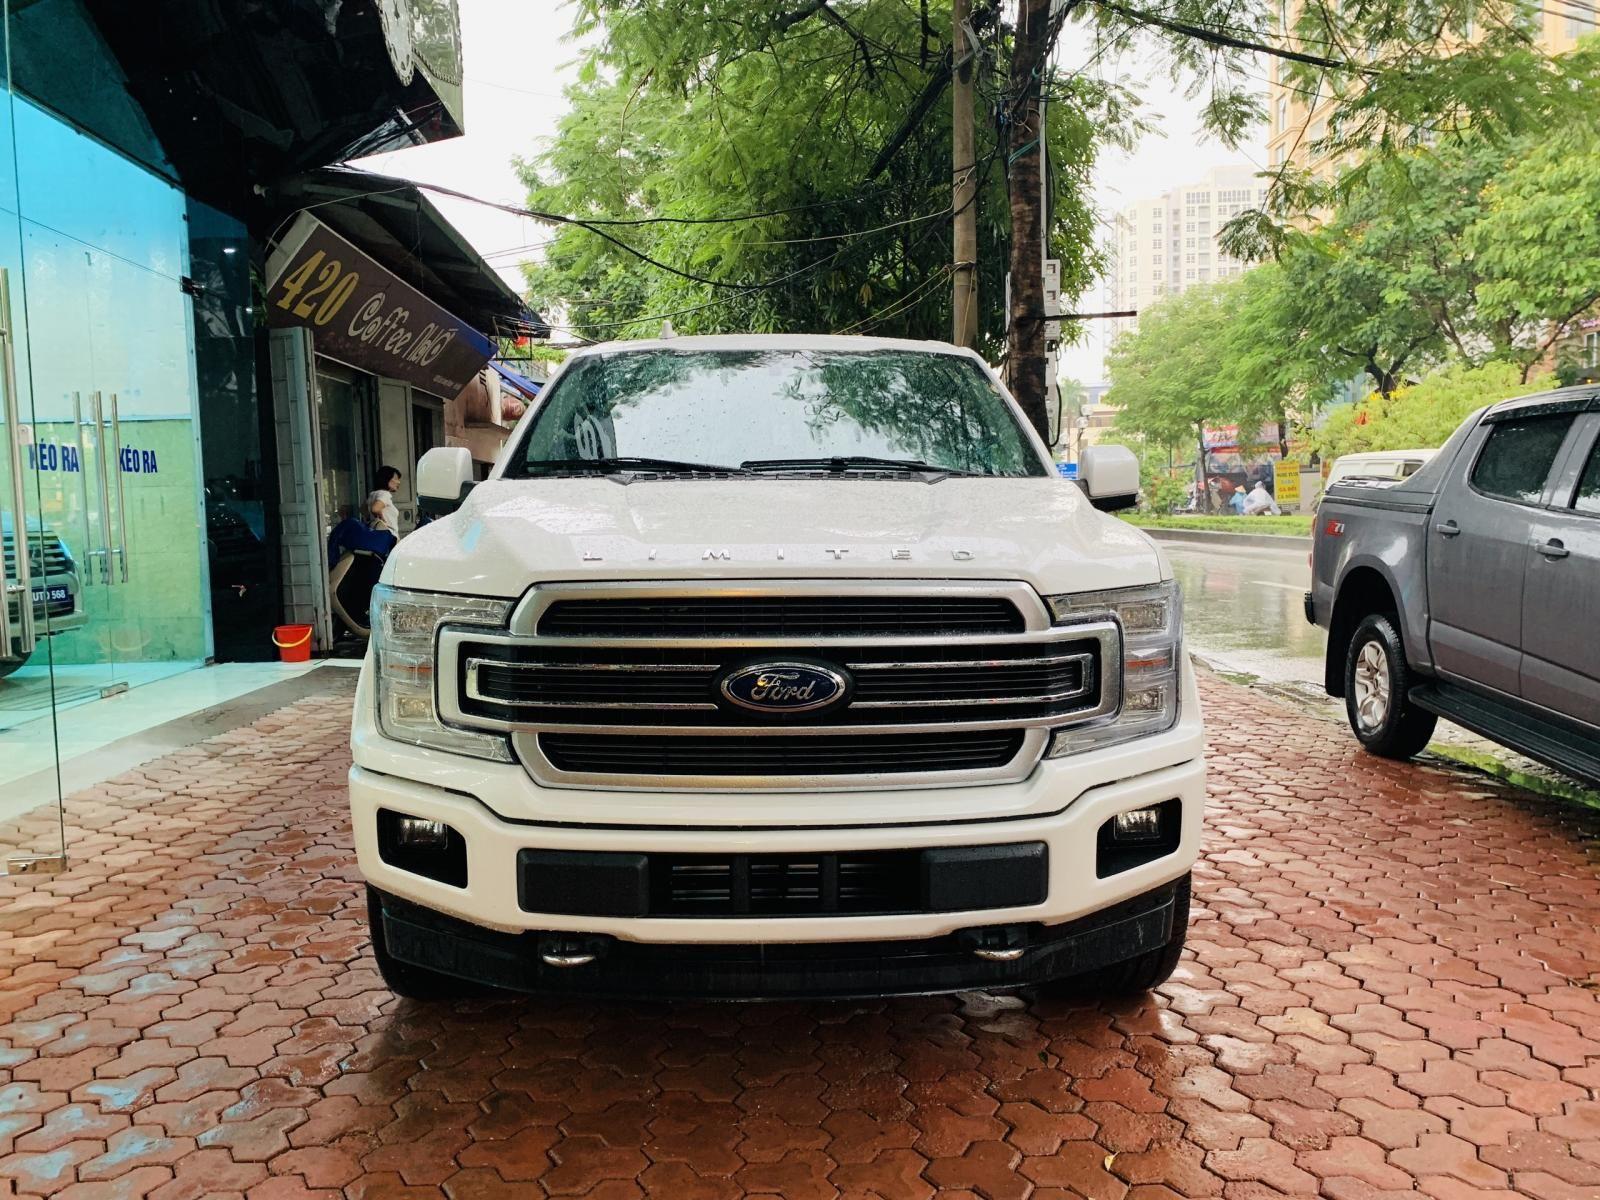 Bán Ford F 150 Limited năm sản xuất 2019, màu trắng, nhập khẩu nguyên chiếc